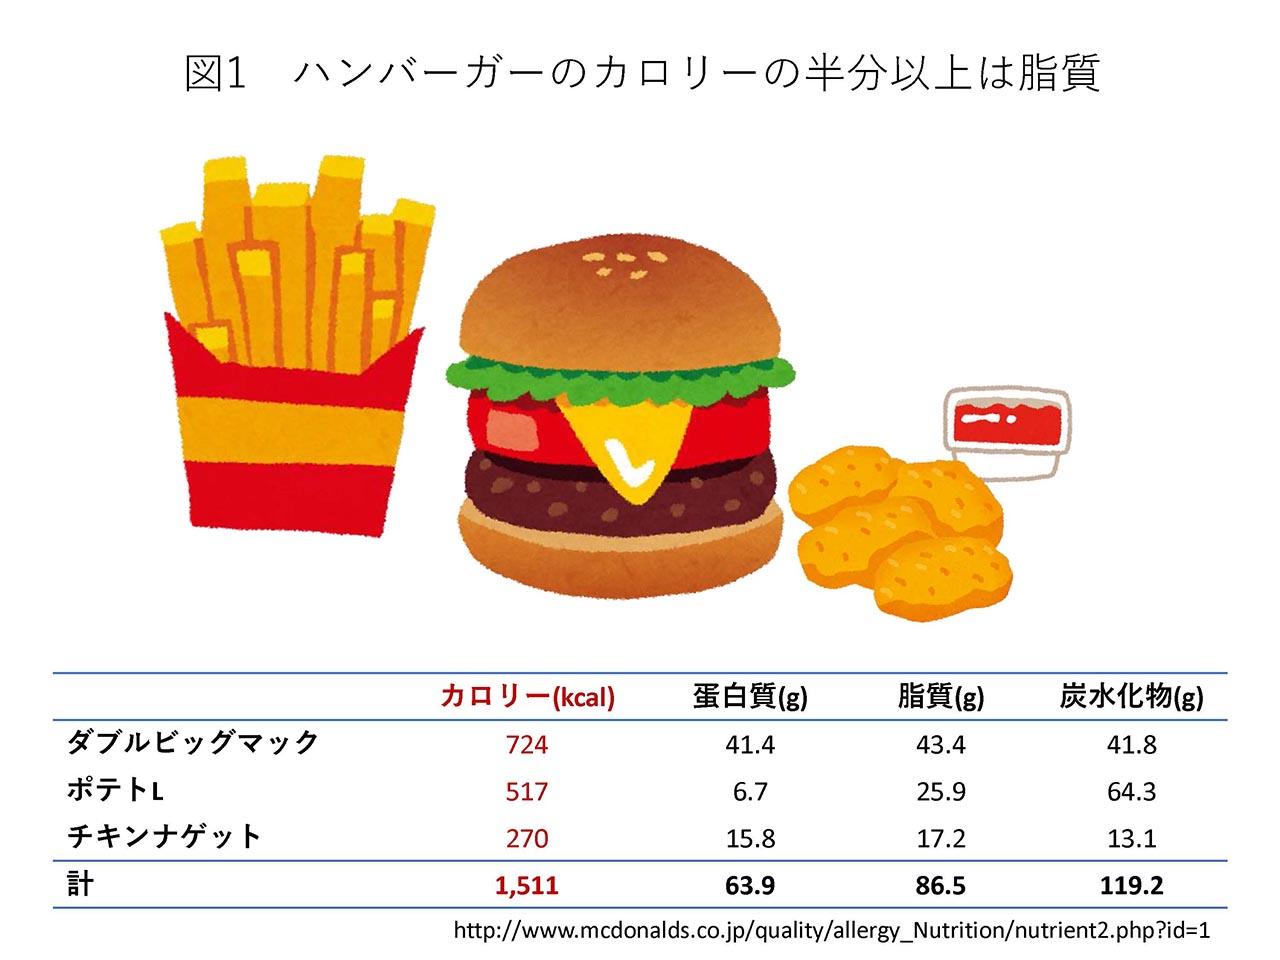 カロリー 計算 摂取